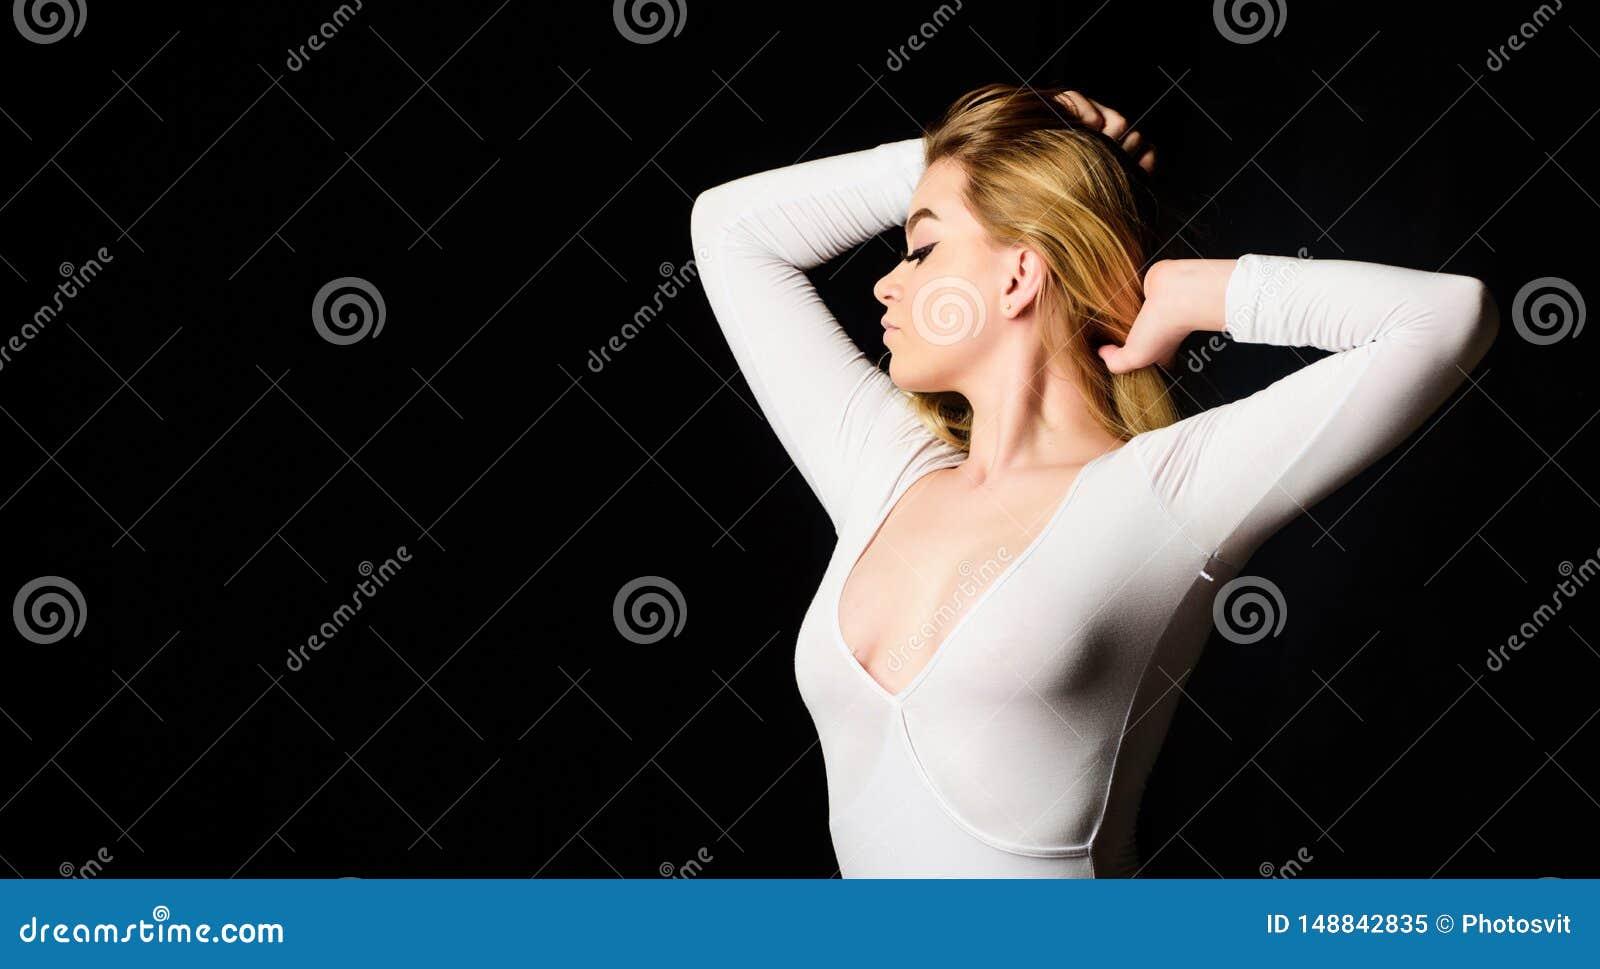 Κυρία στο κομπινεζόν νέο και υγιές Κορίτσι με το ομαλό δέρμα Wellness και SPA Διαδικασία προσοχής ομορφιάς Wellness Μασάζ και